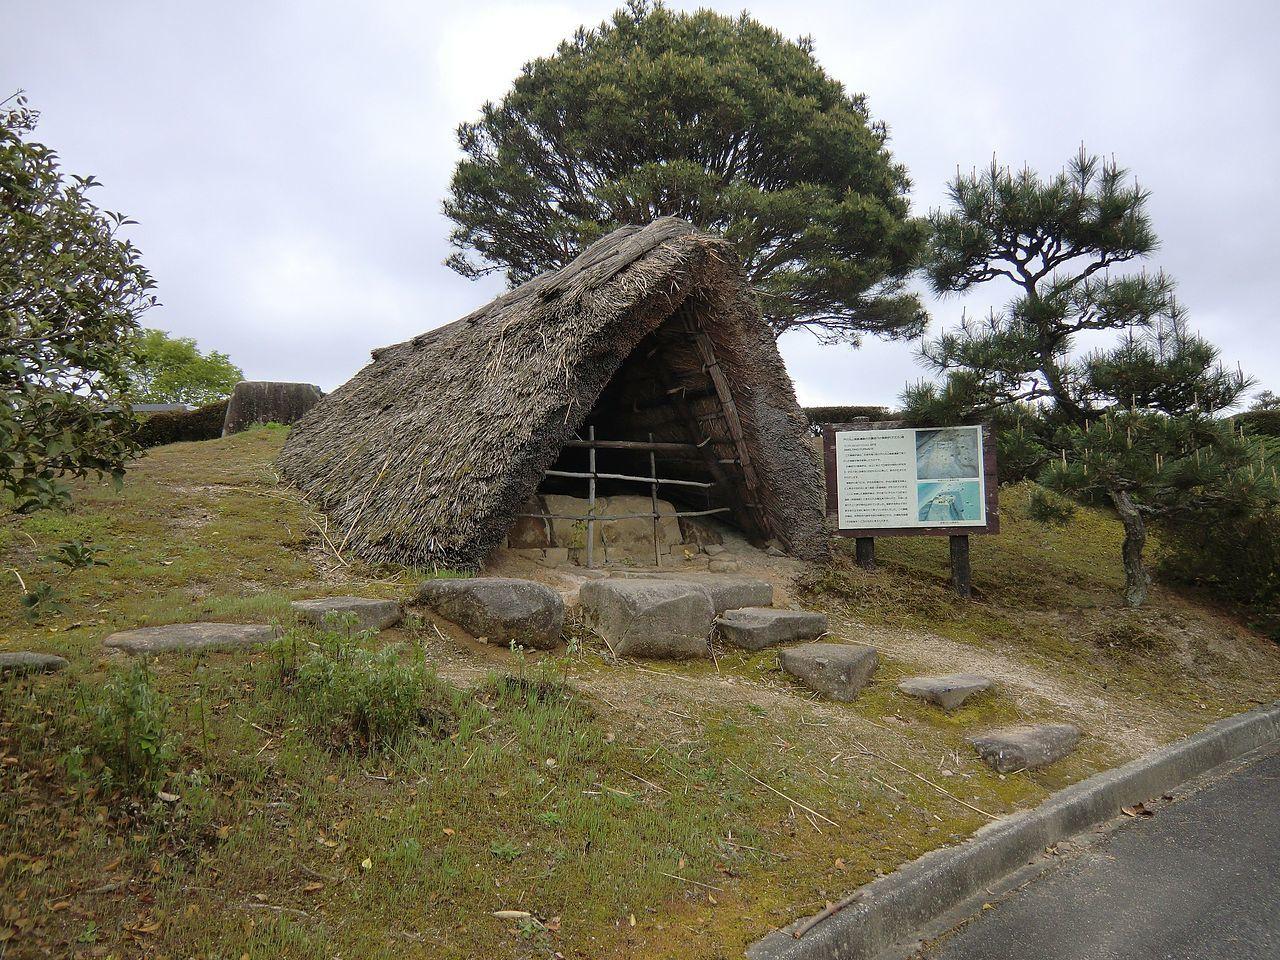 広島県立みよし風土記の丘に移築復元された戸の丸山製鉄遺跡(古墳時代後期)の製鉄炉。